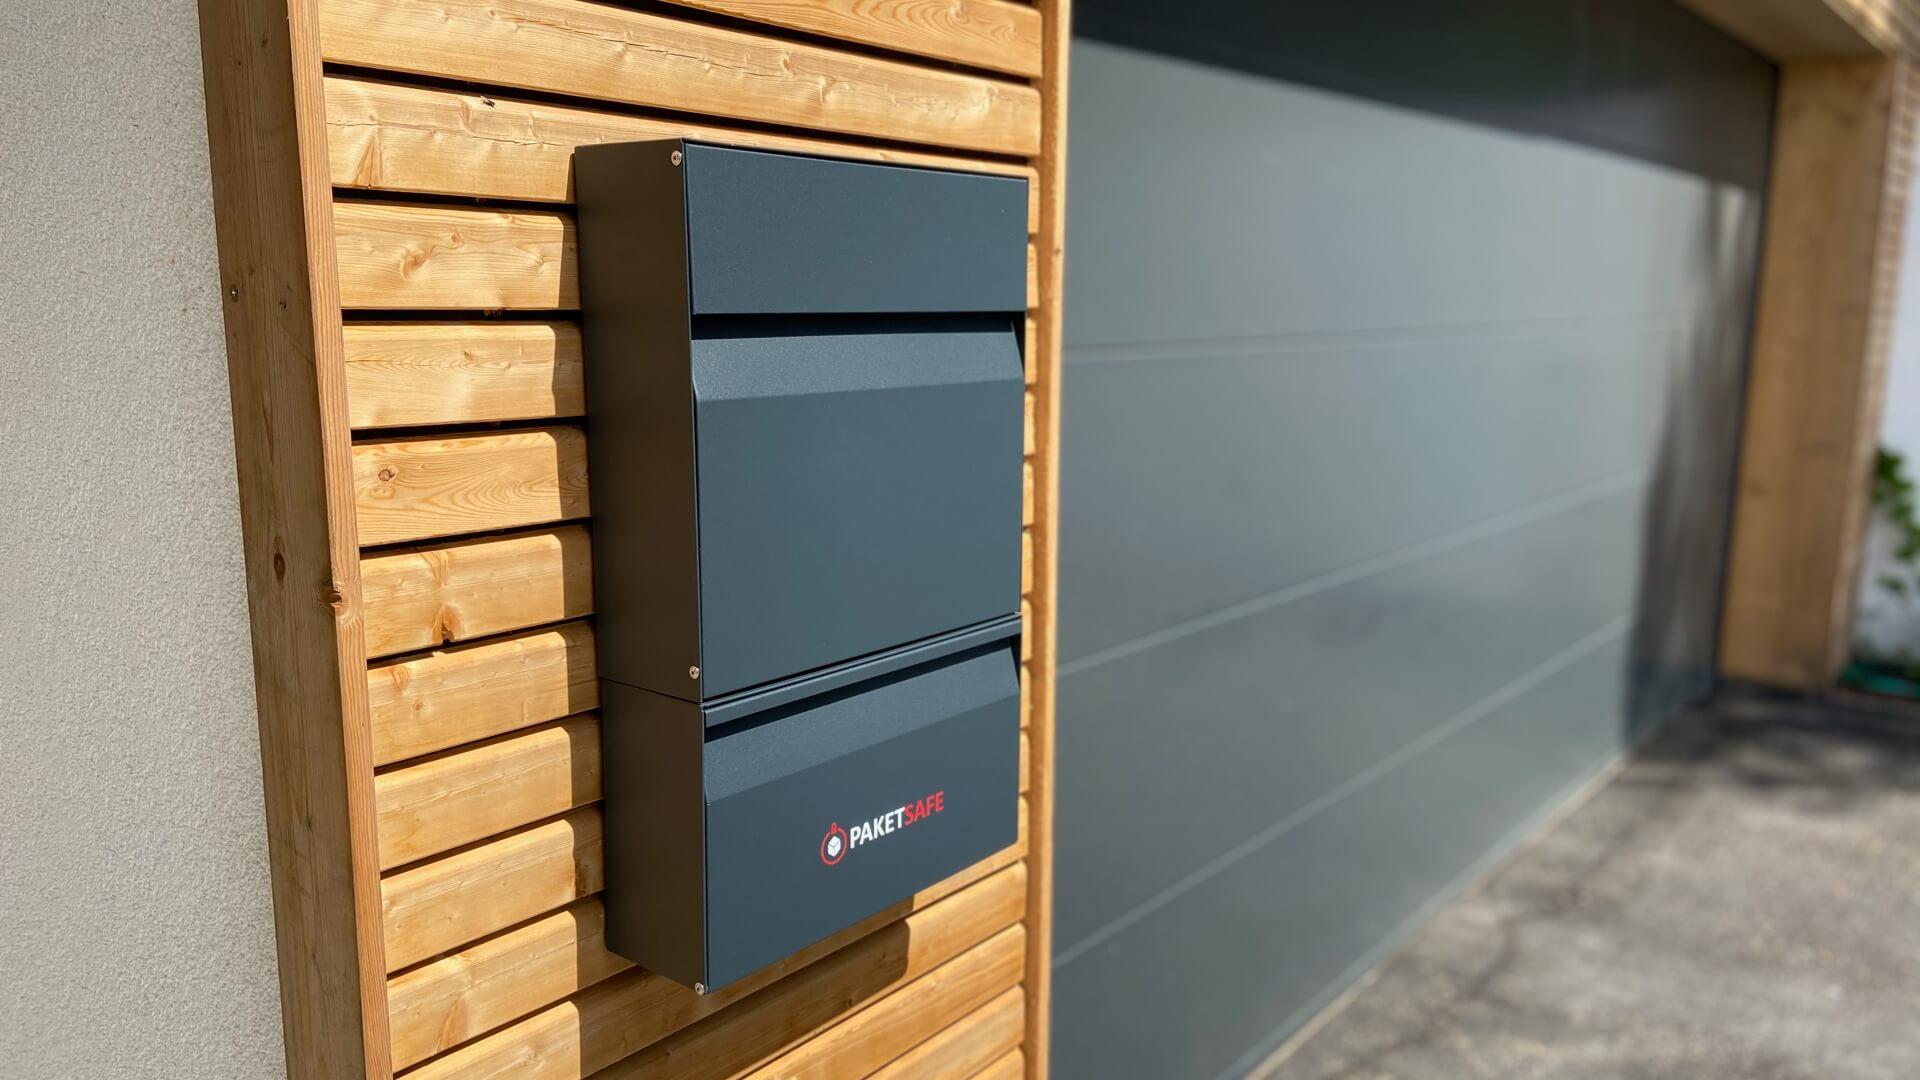 Paketsafe Air Paket- und Briefkasten